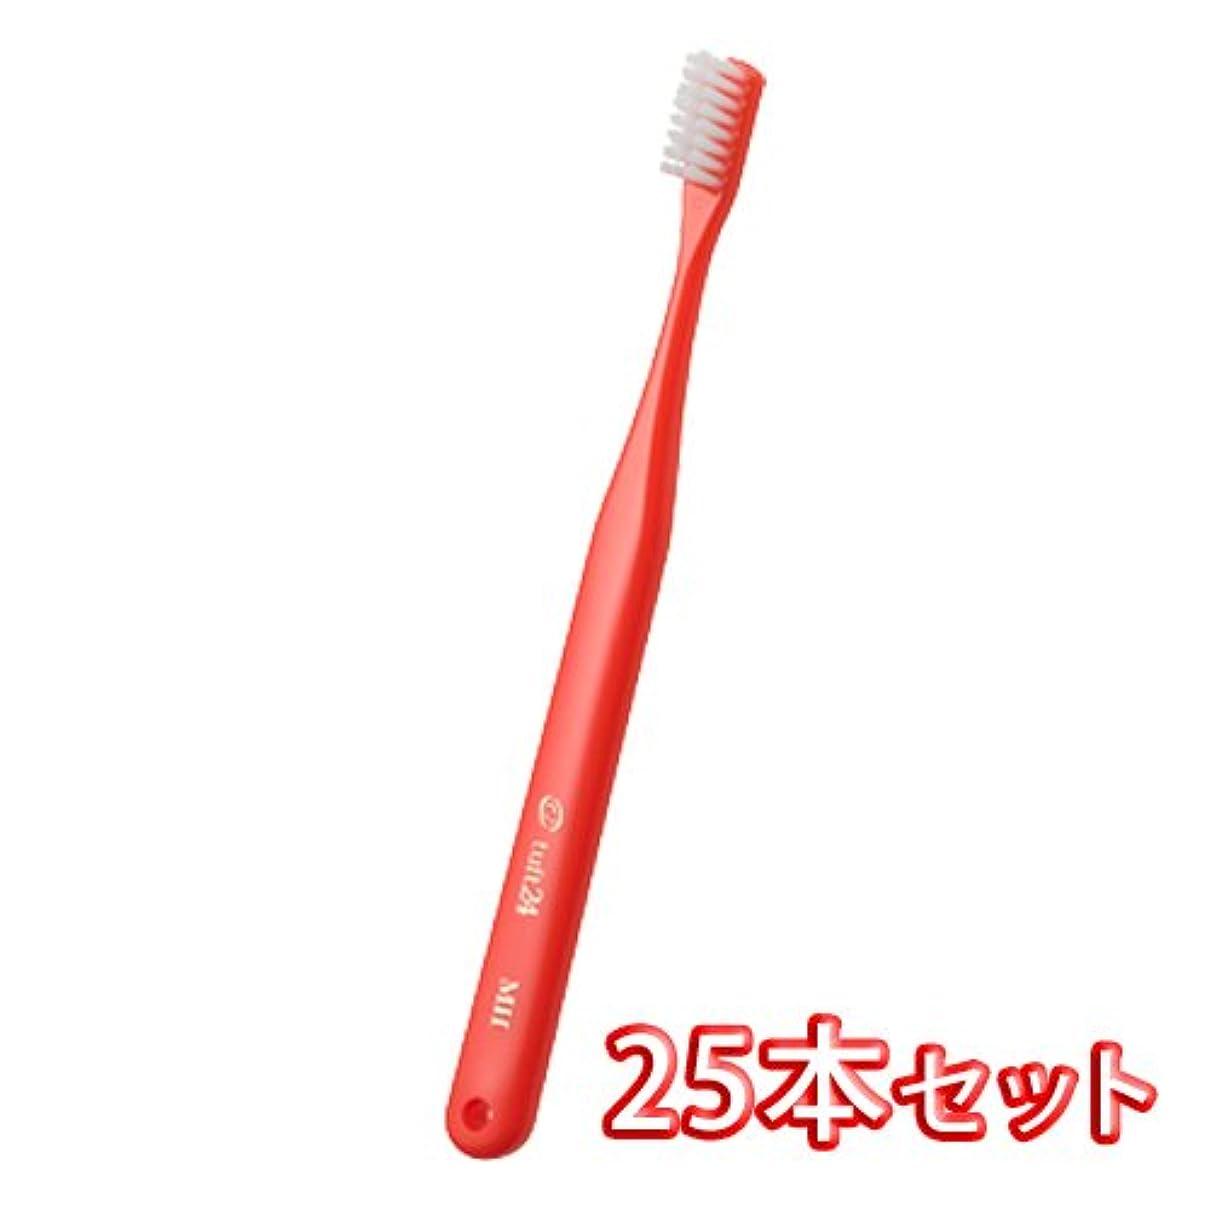 酸っぱい驚きインストールオーラルケア キャップ付き タフト 24 歯ブラシ スーパーソフト 25本 (レッド)